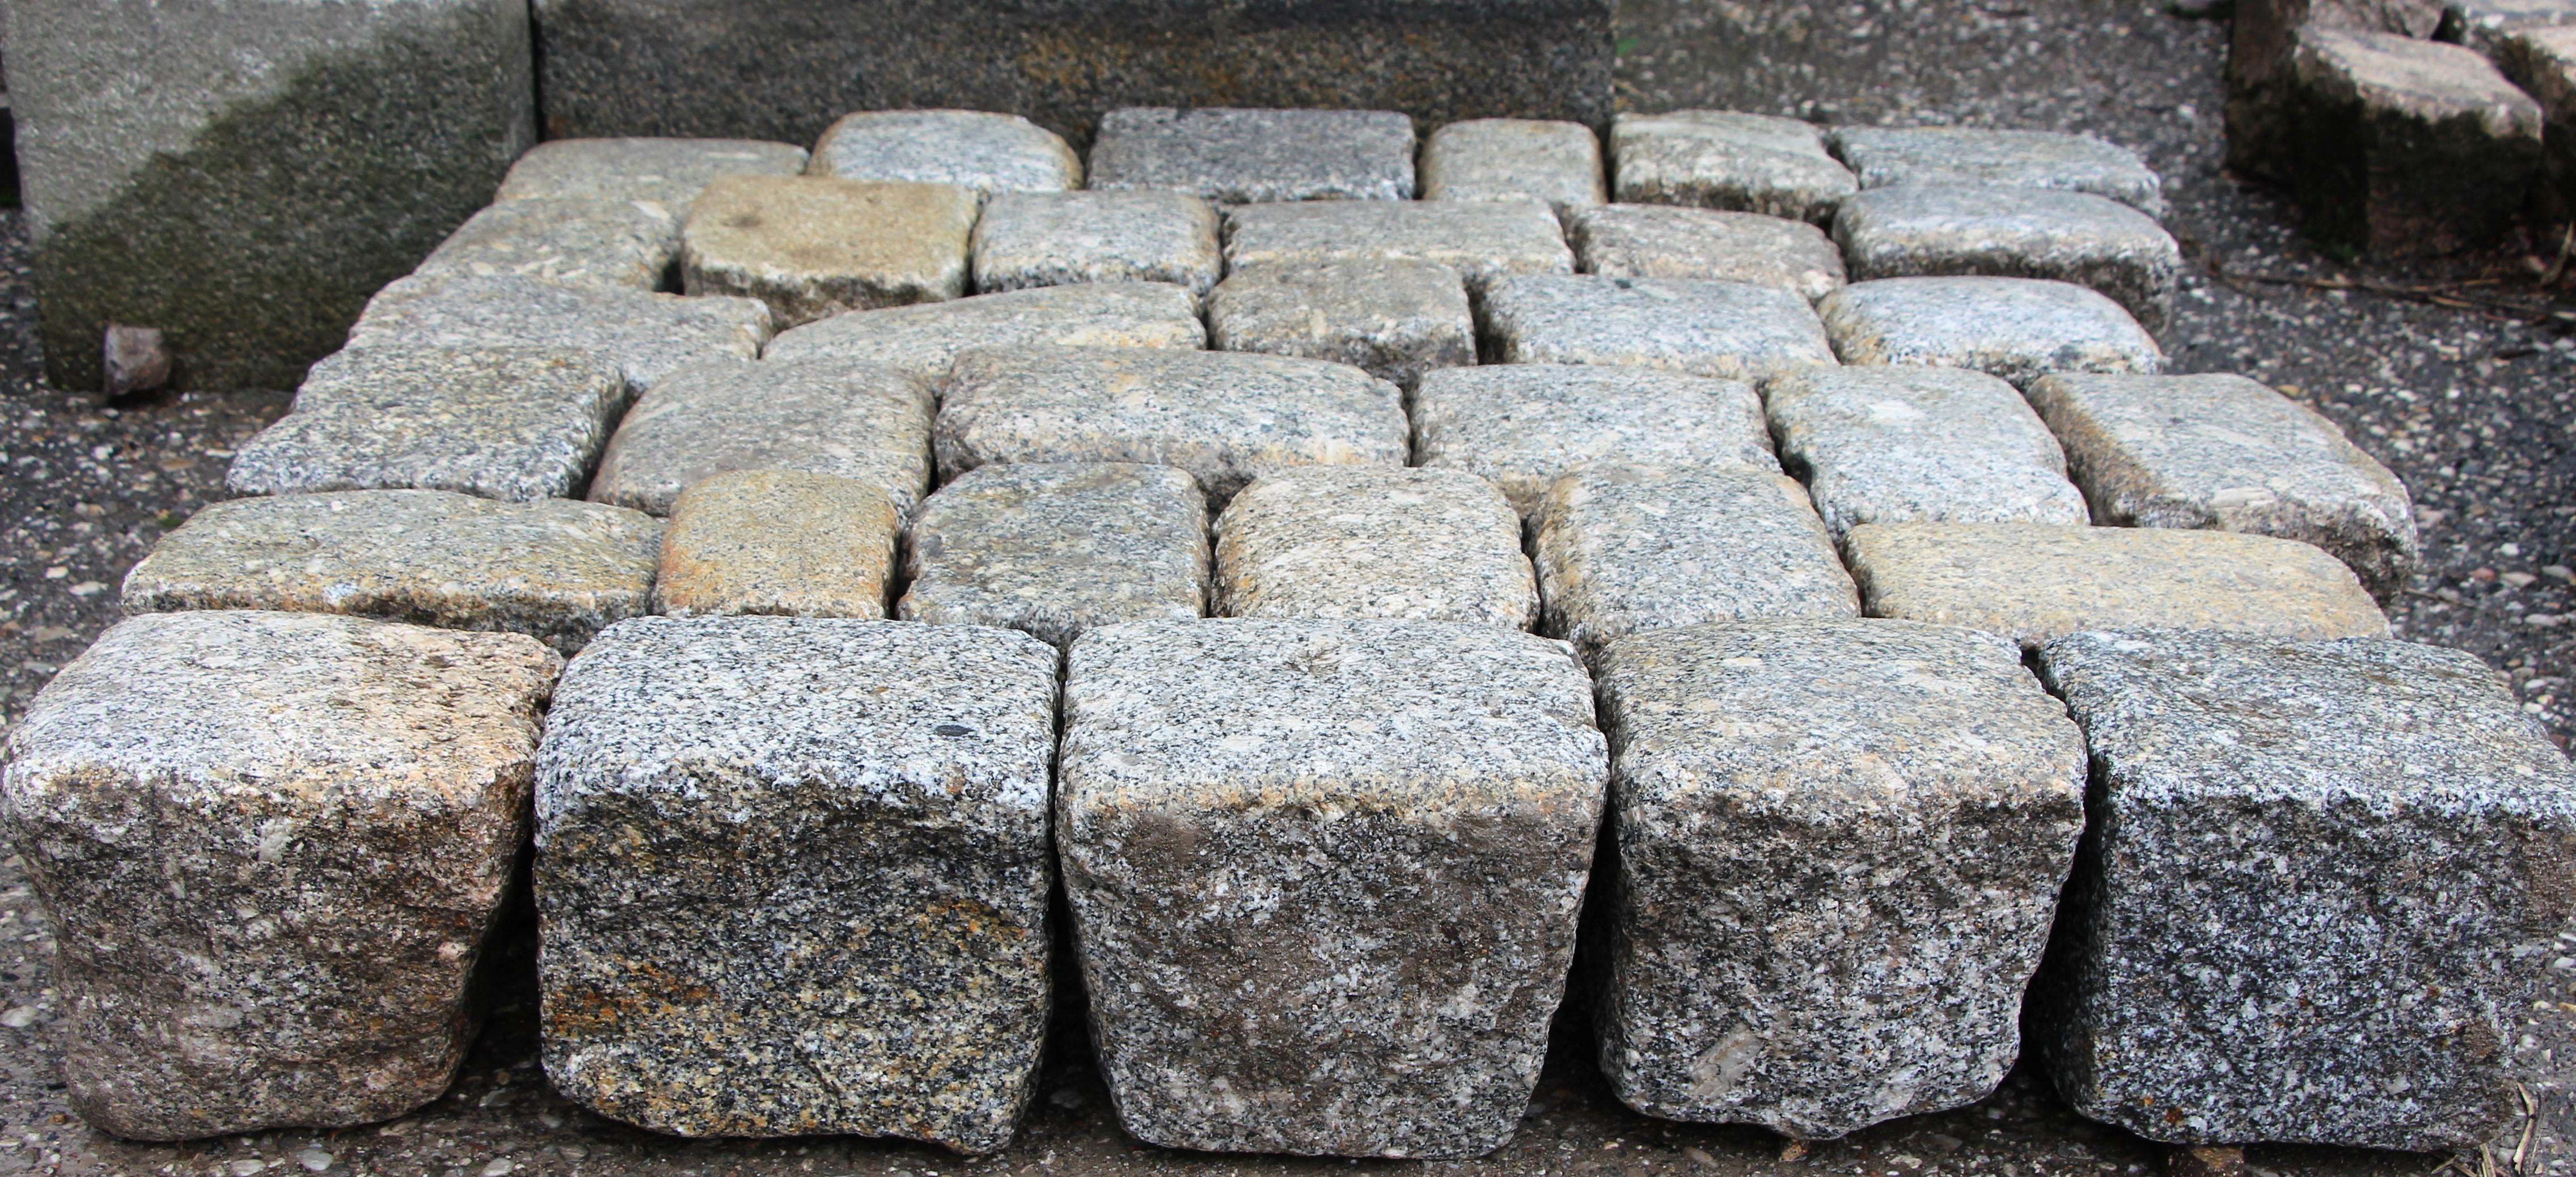 gebrauchtes Granitpflaster gelbgrau, reihenfähiges Großpflaster